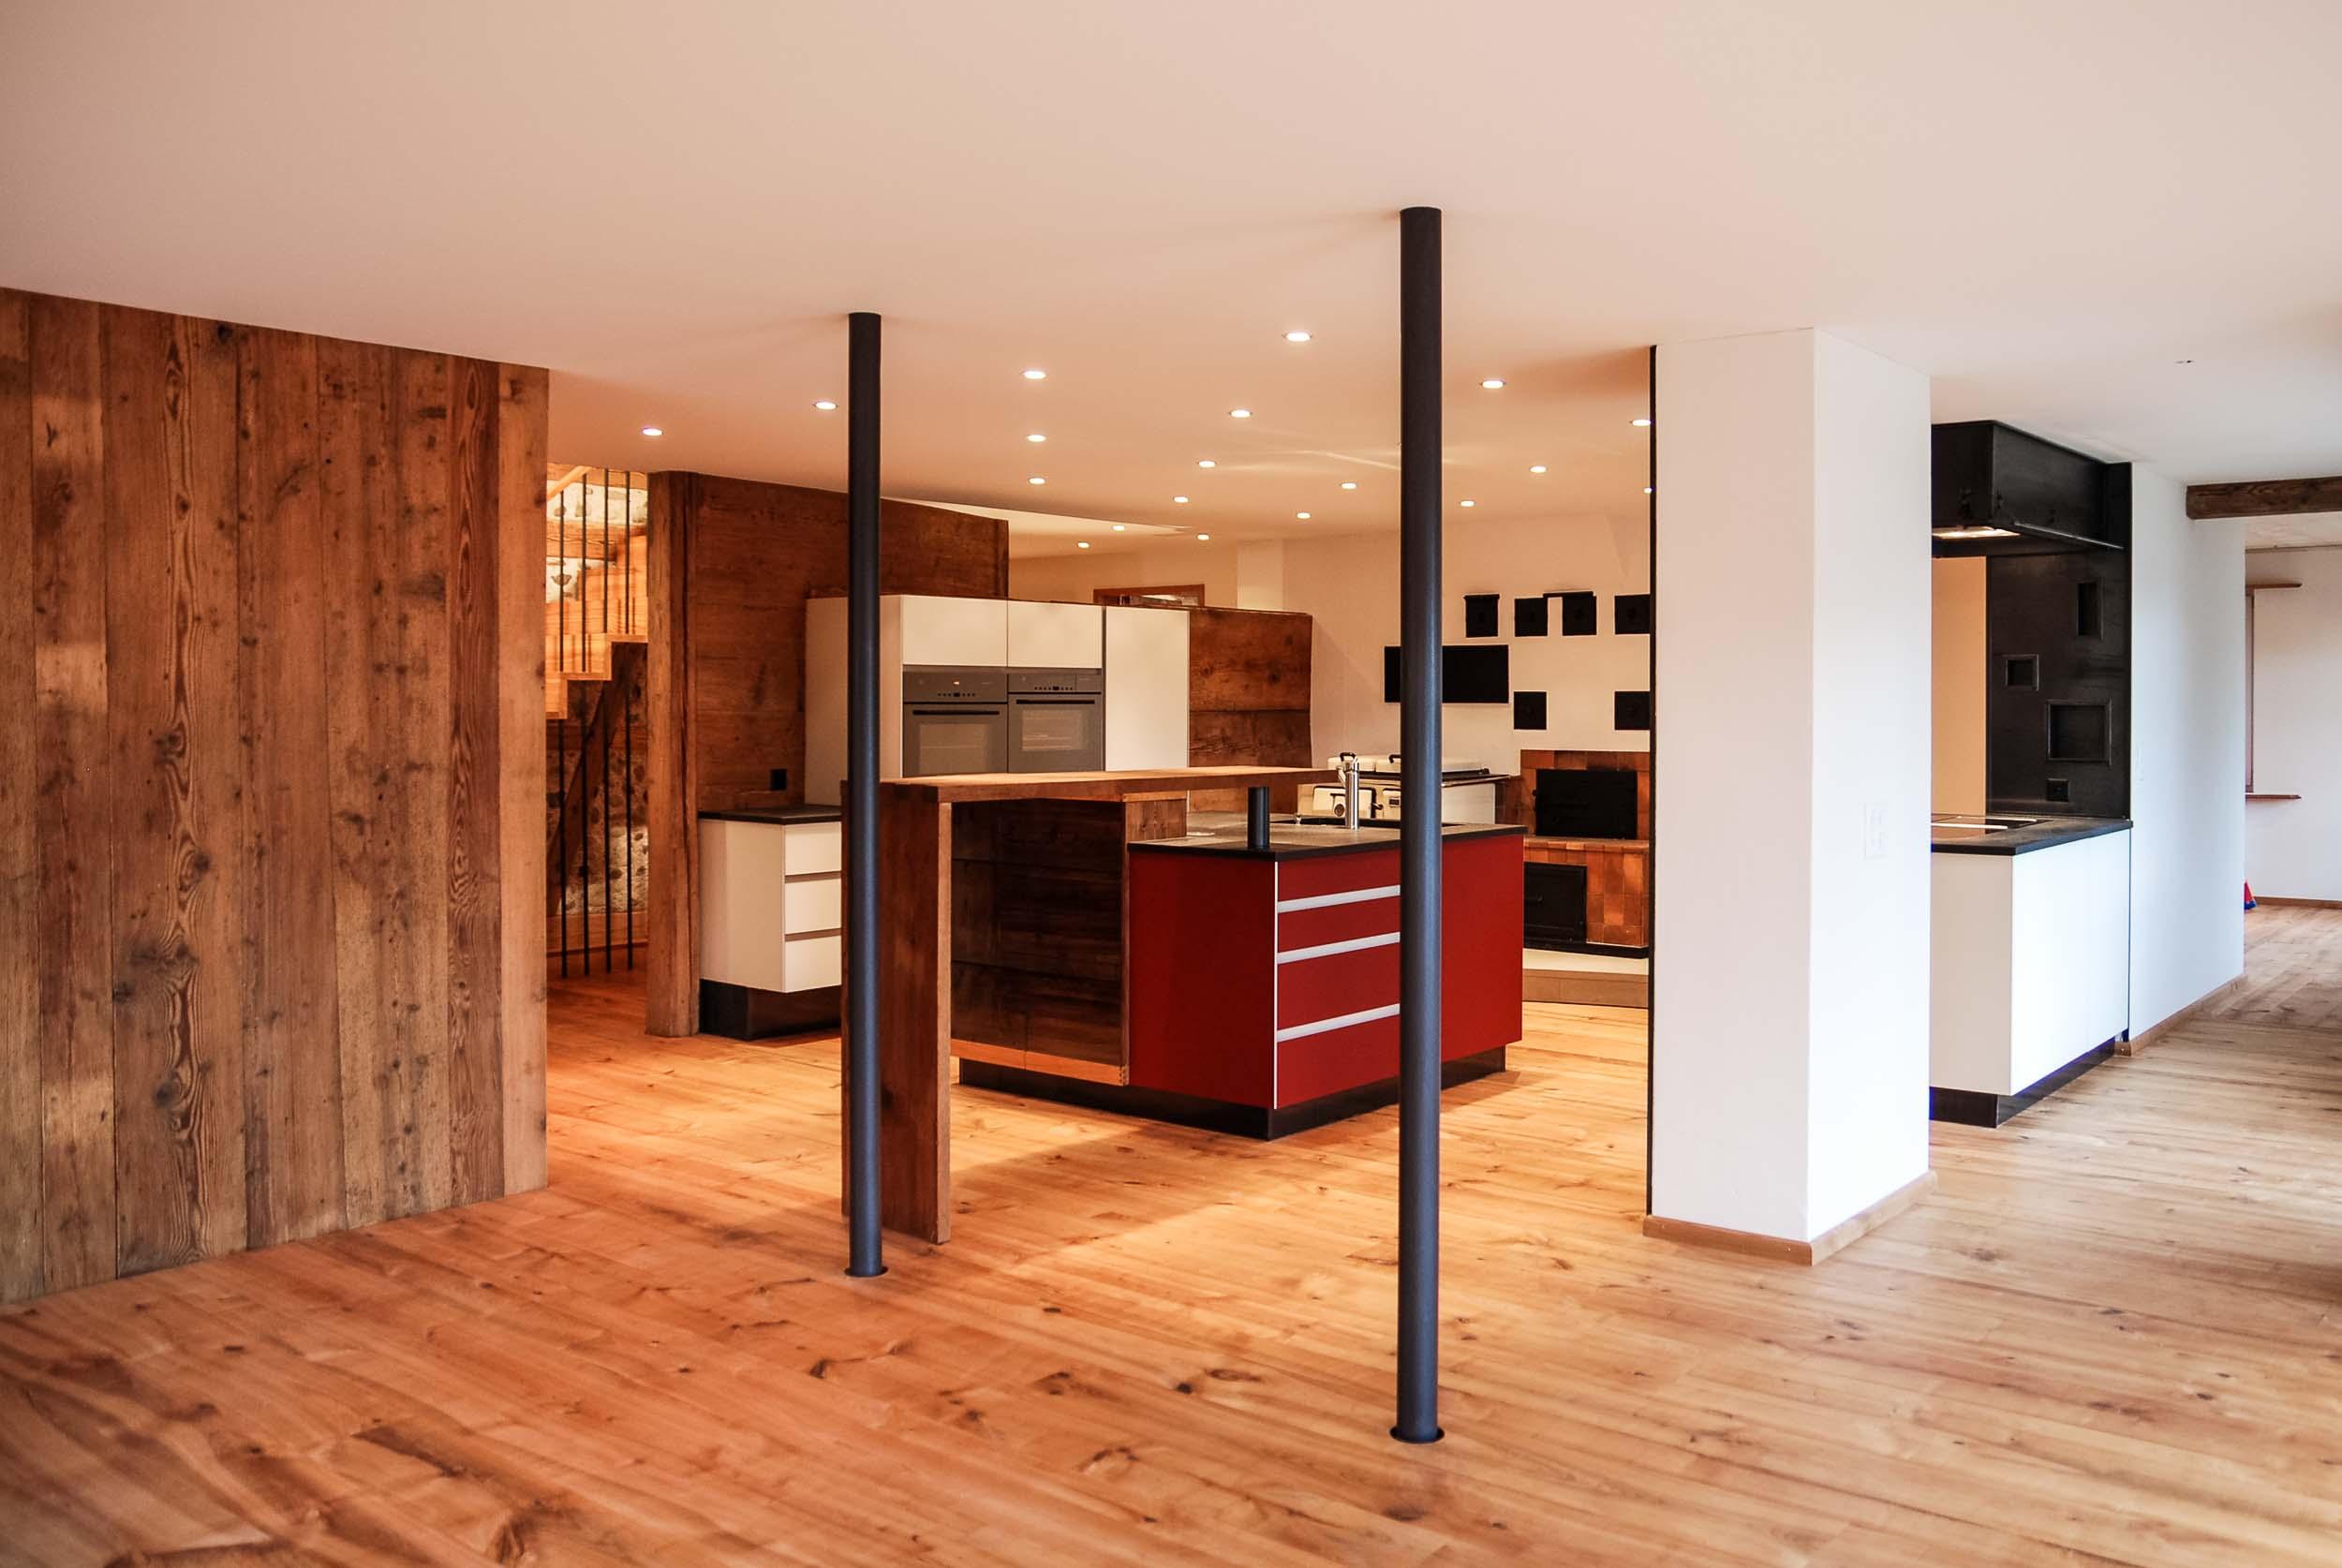 holzbau und holzsystembau planen und bauen minergie standard schindler scheibling ag. Black Bedroom Furniture Sets. Home Design Ideas